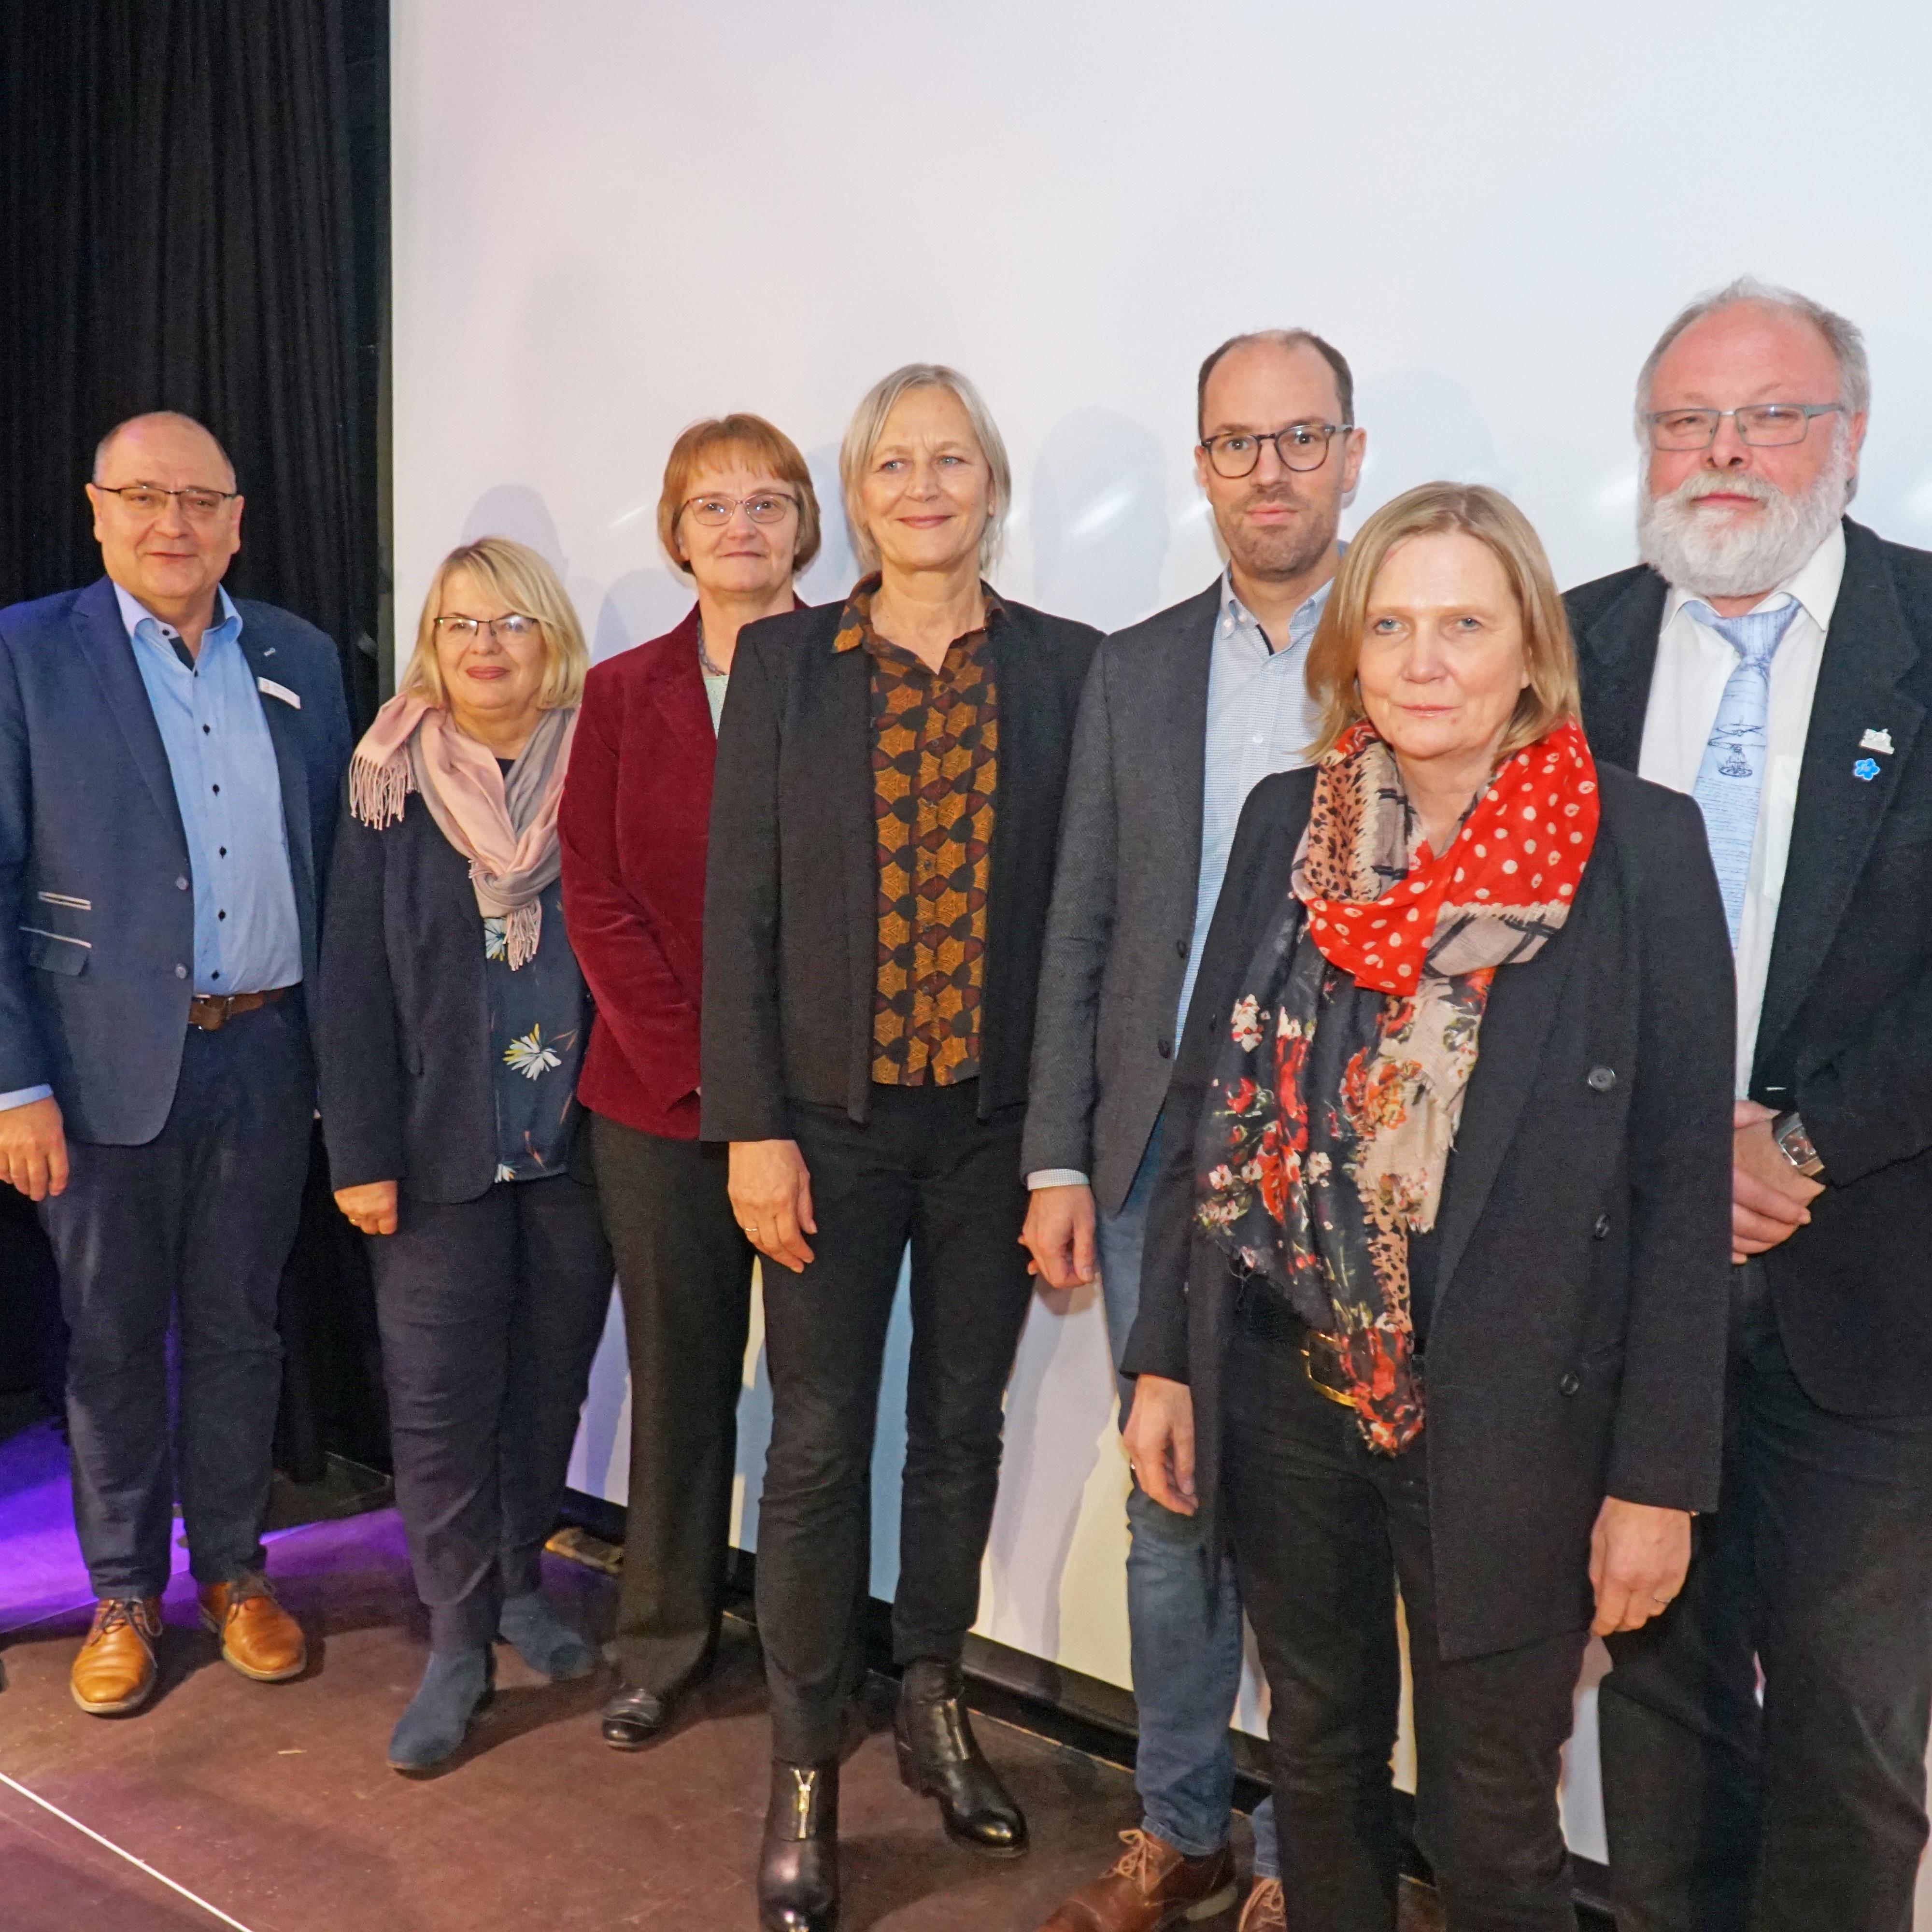 VERÖFFENTLICHT Zweiter Kinder- und Jugendbericht der Stadt Kinder und Familienarmut in Paderborn